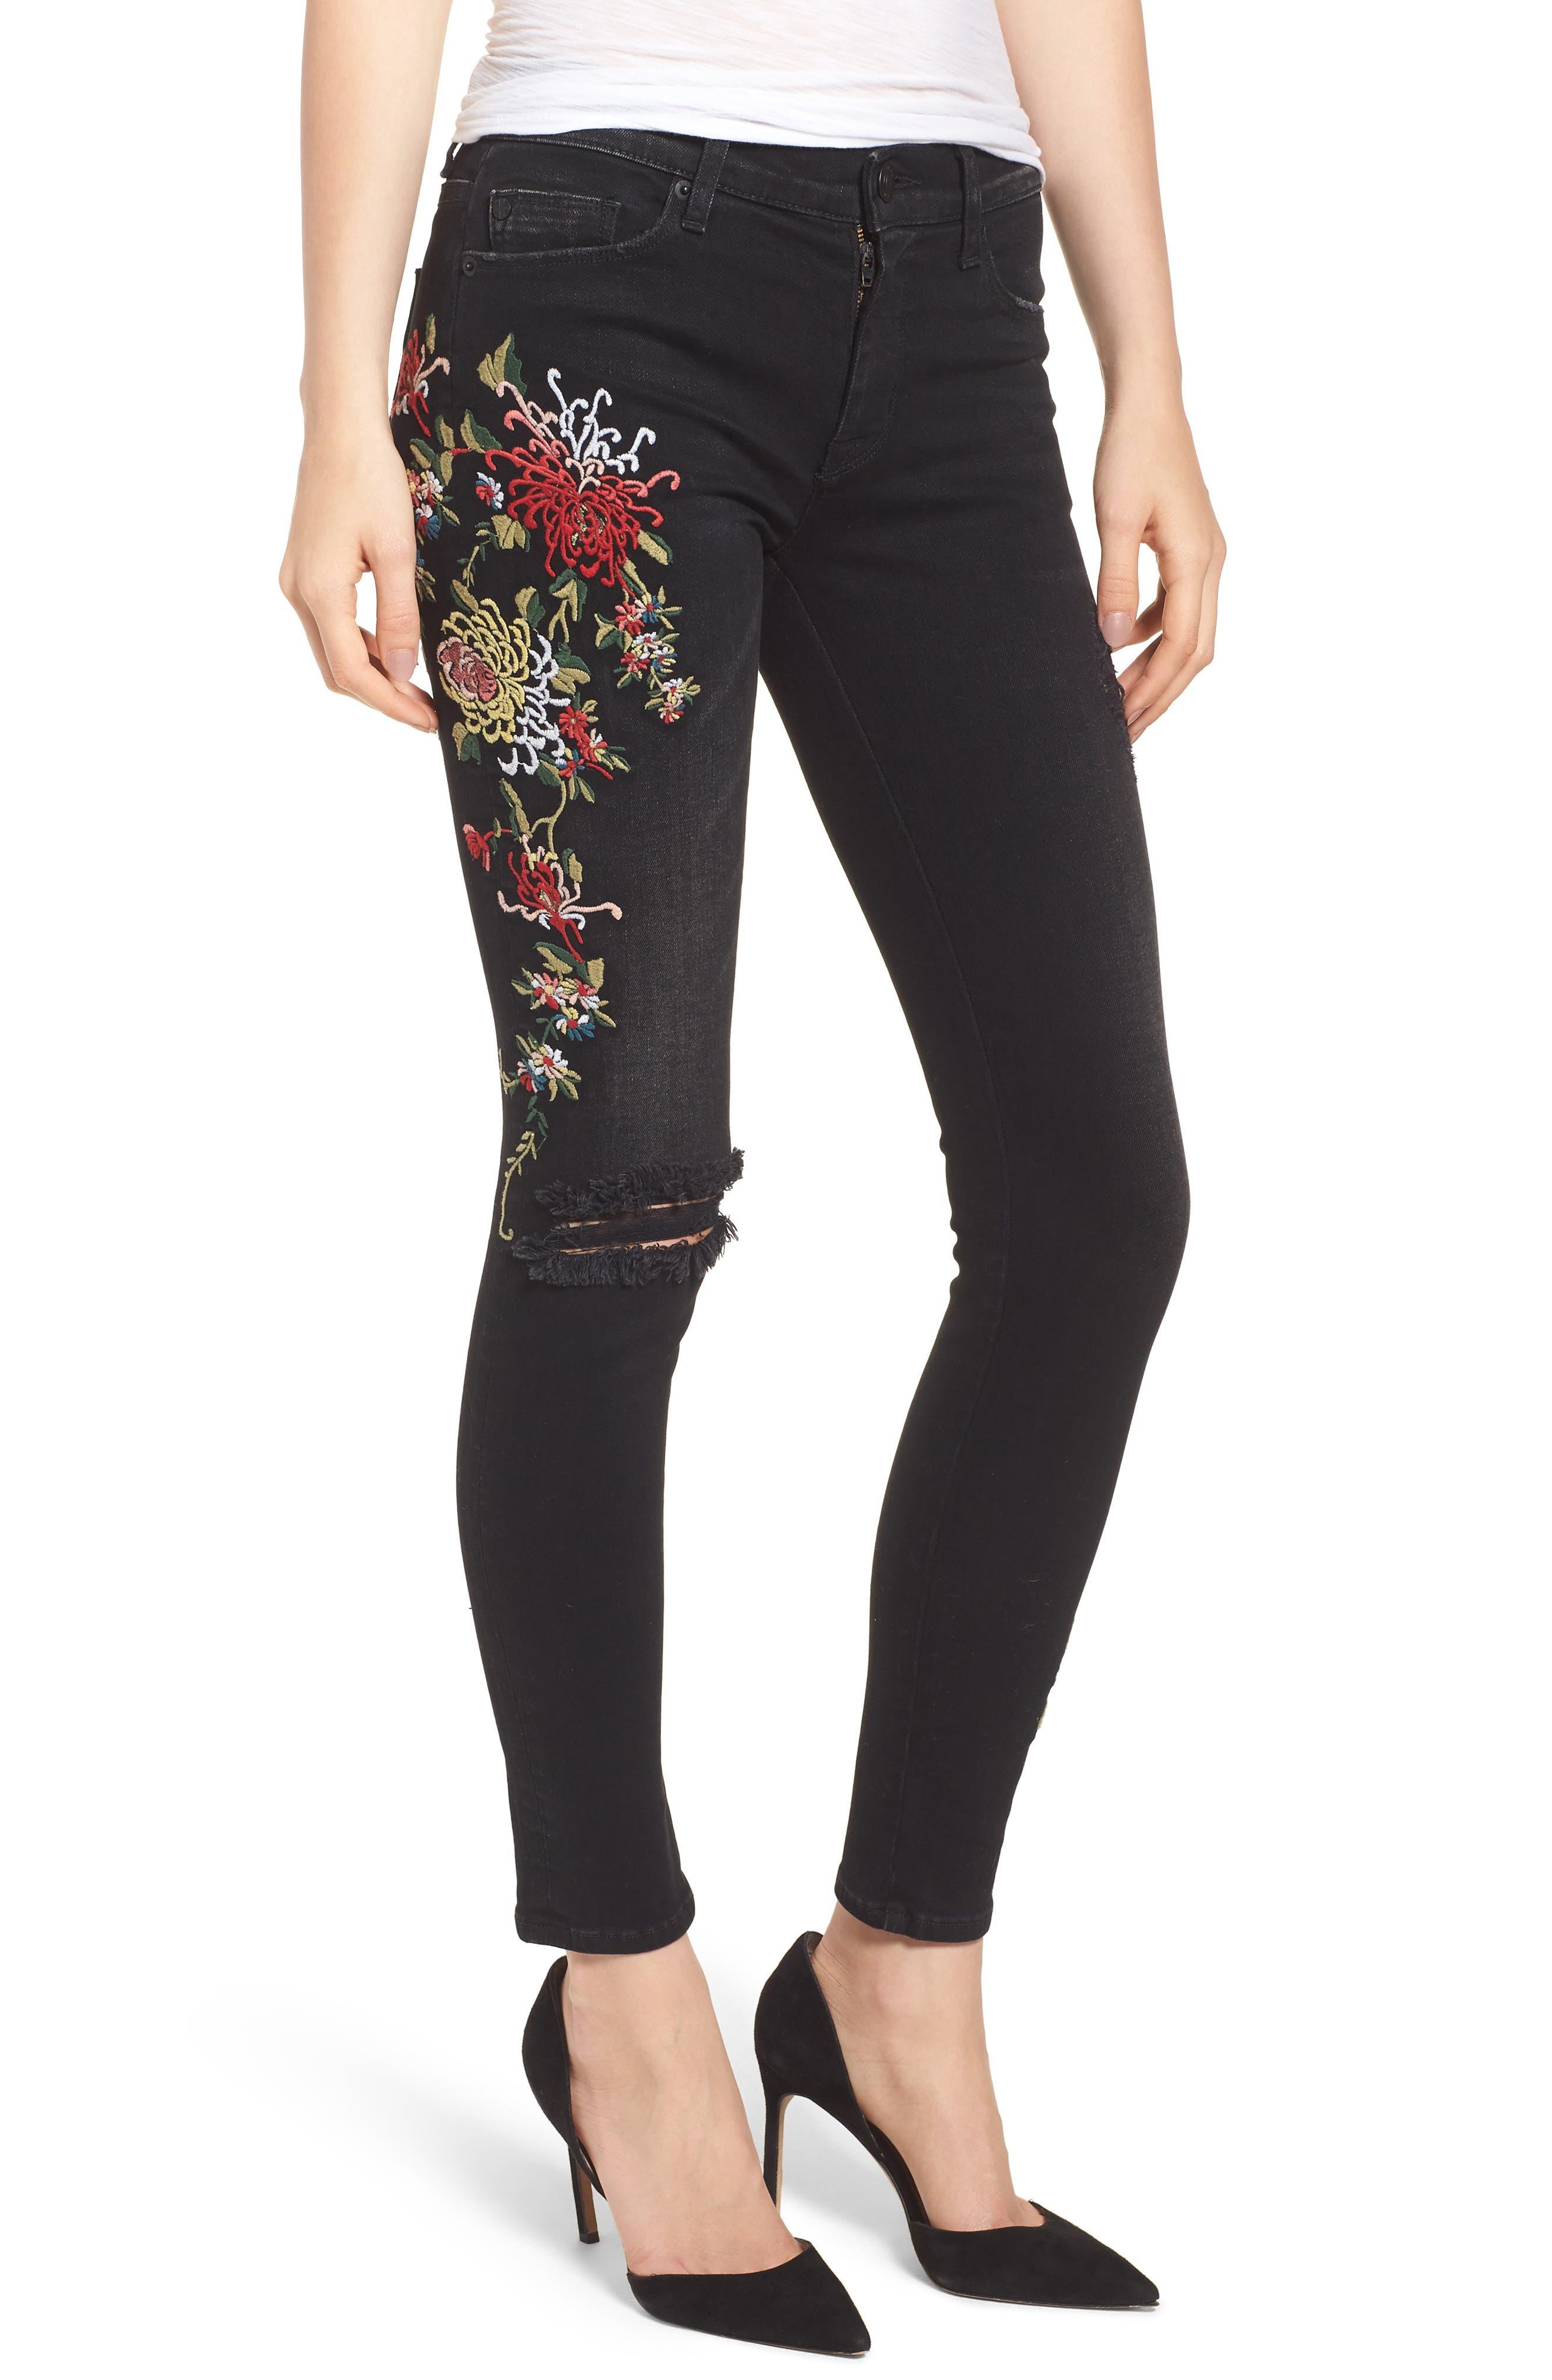 Alternate Image 1 Selected - Hudson Jeans Nico Ankle Skinny Jeans (Noir Floret)